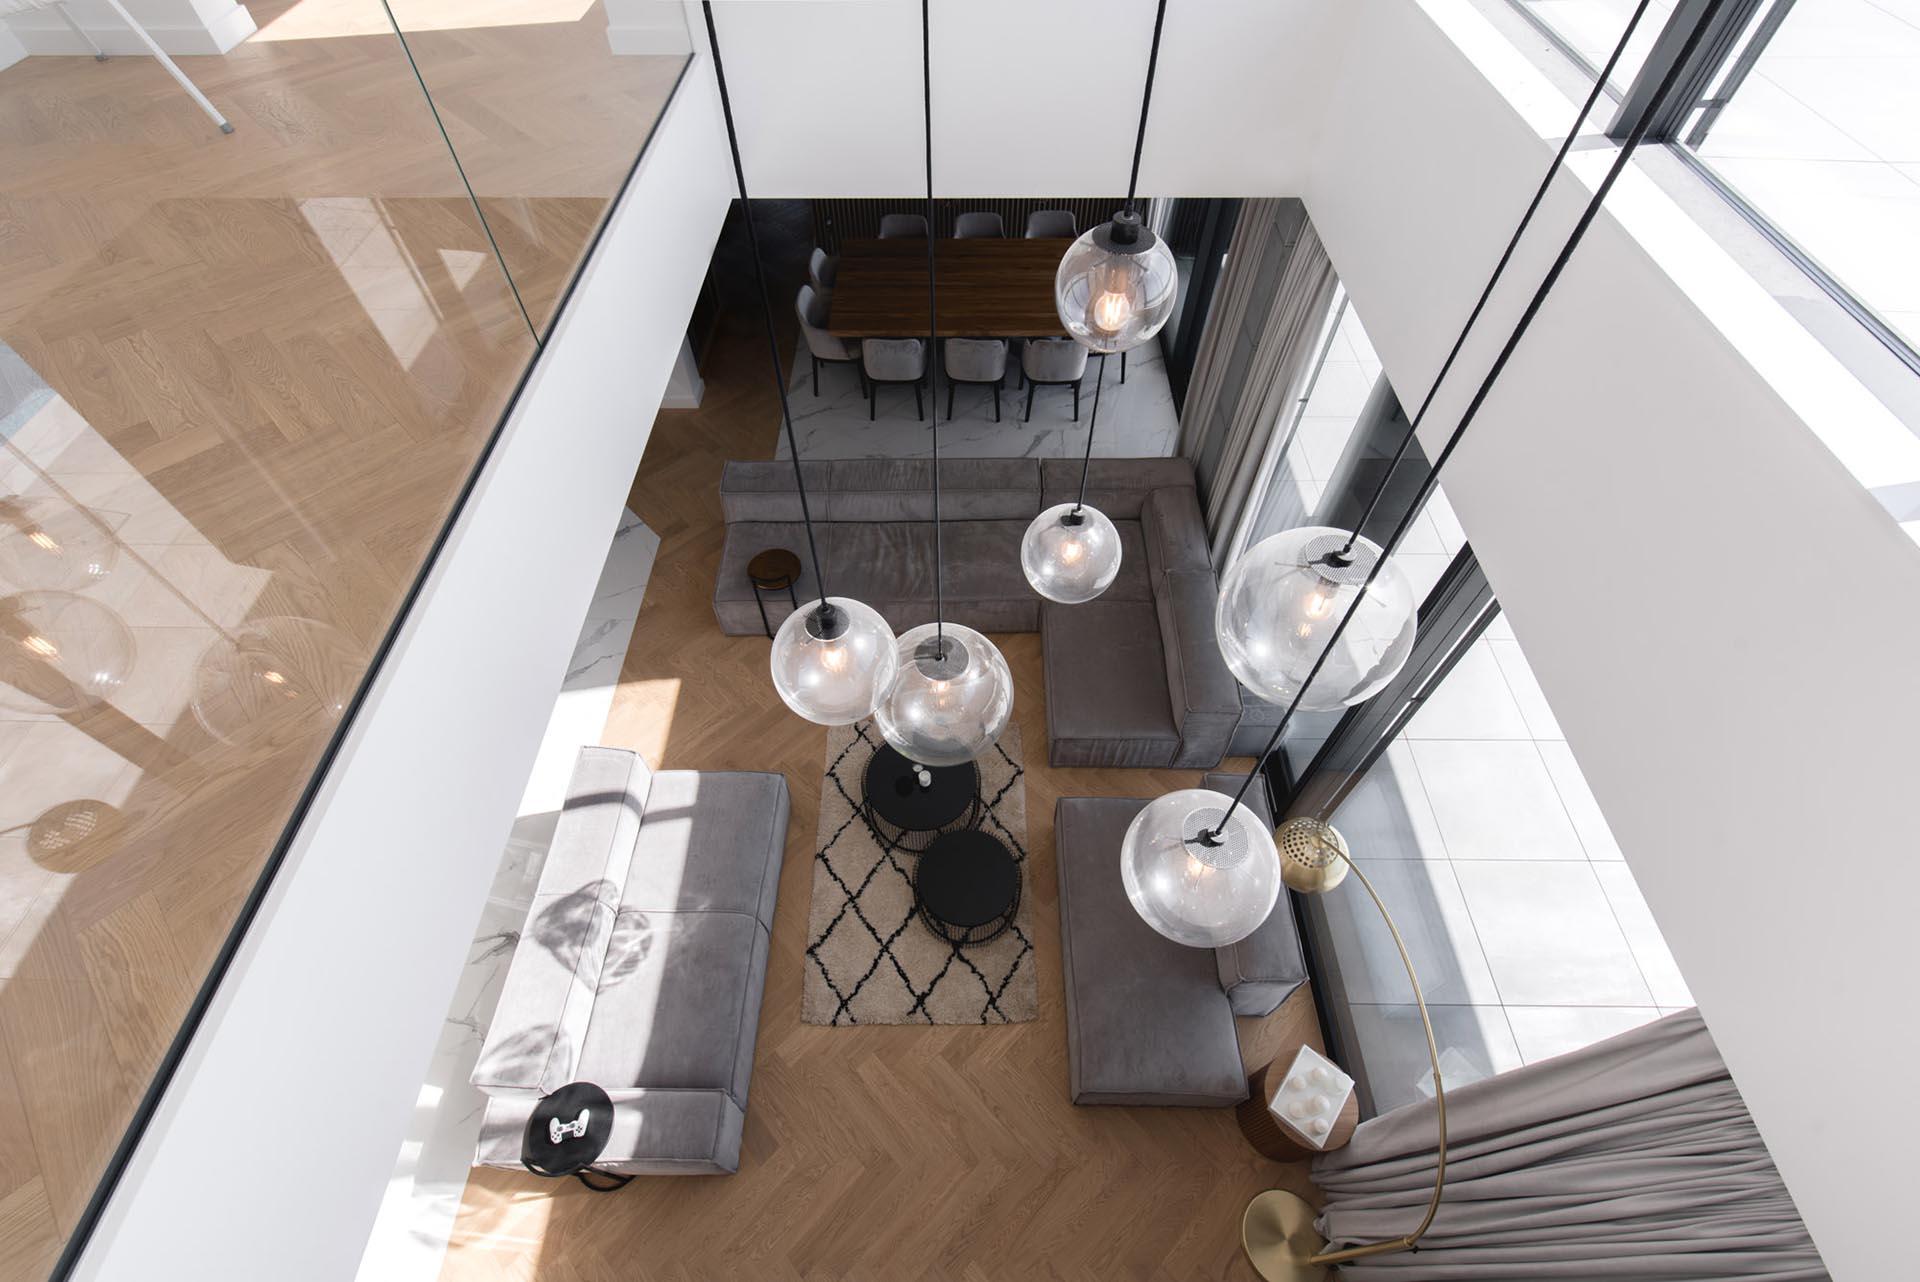 A second floor void overlooks the living room below.